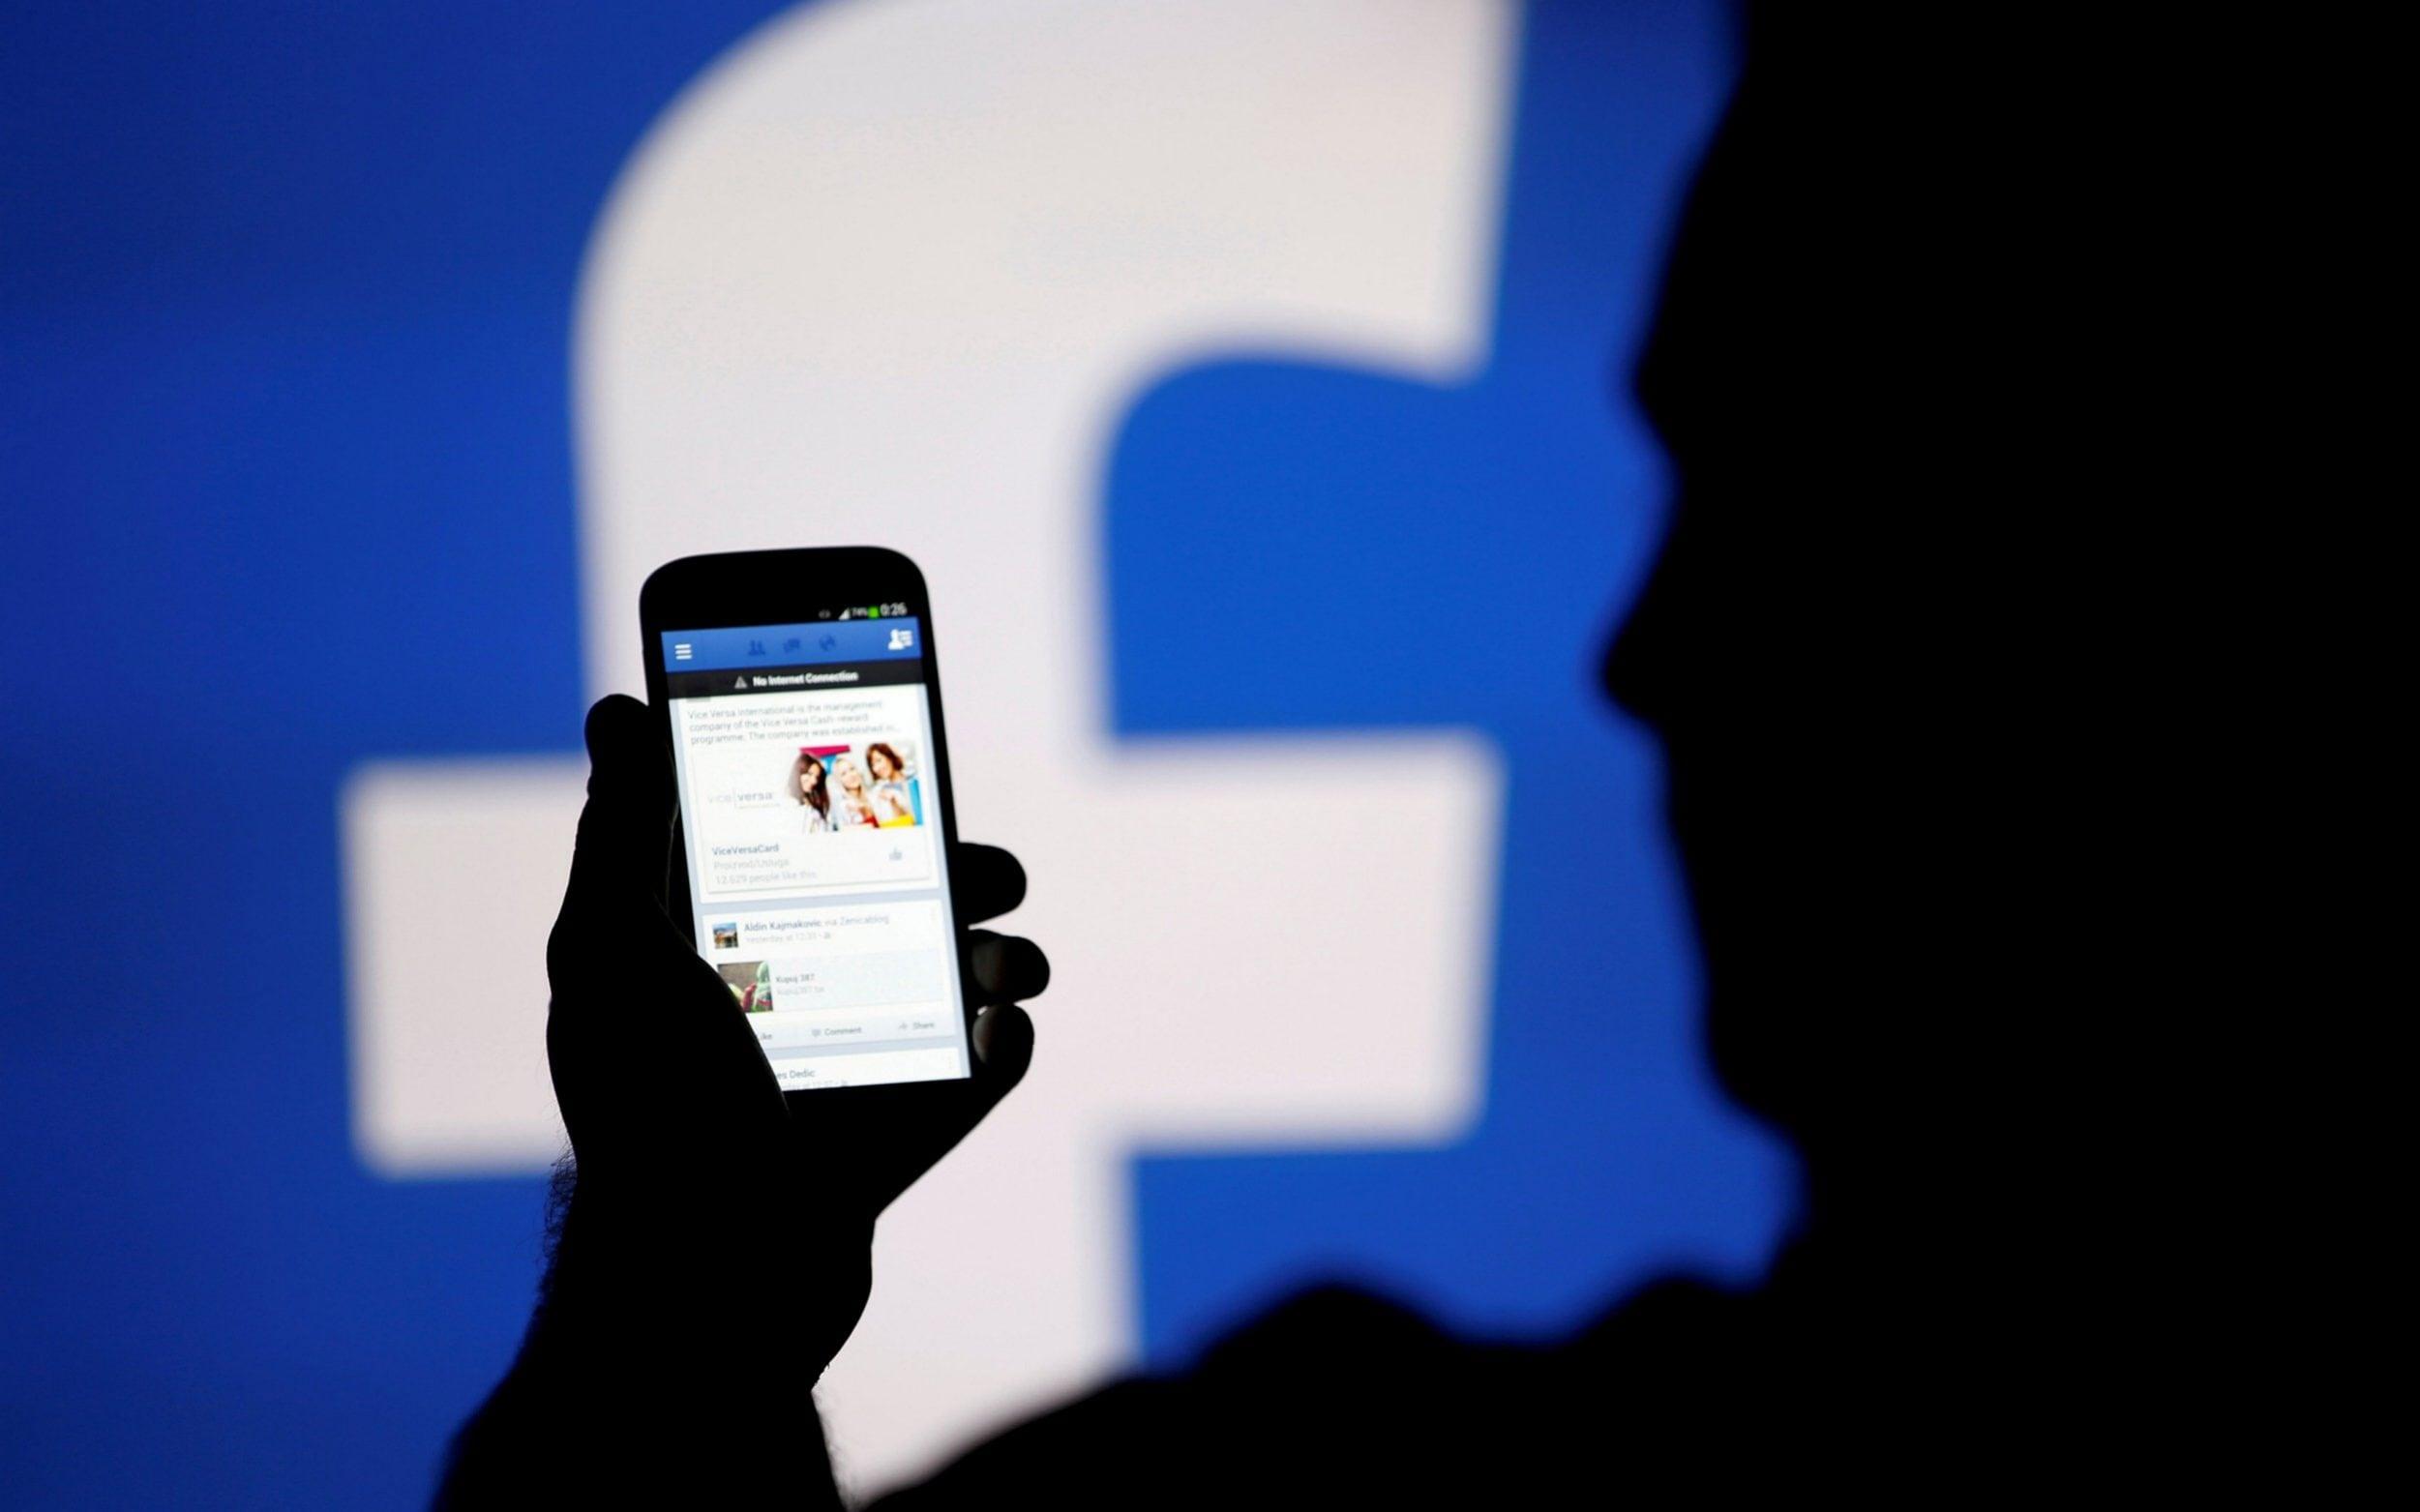 Акції Facebook обвалилися на 8% через бойкот рекламодавців